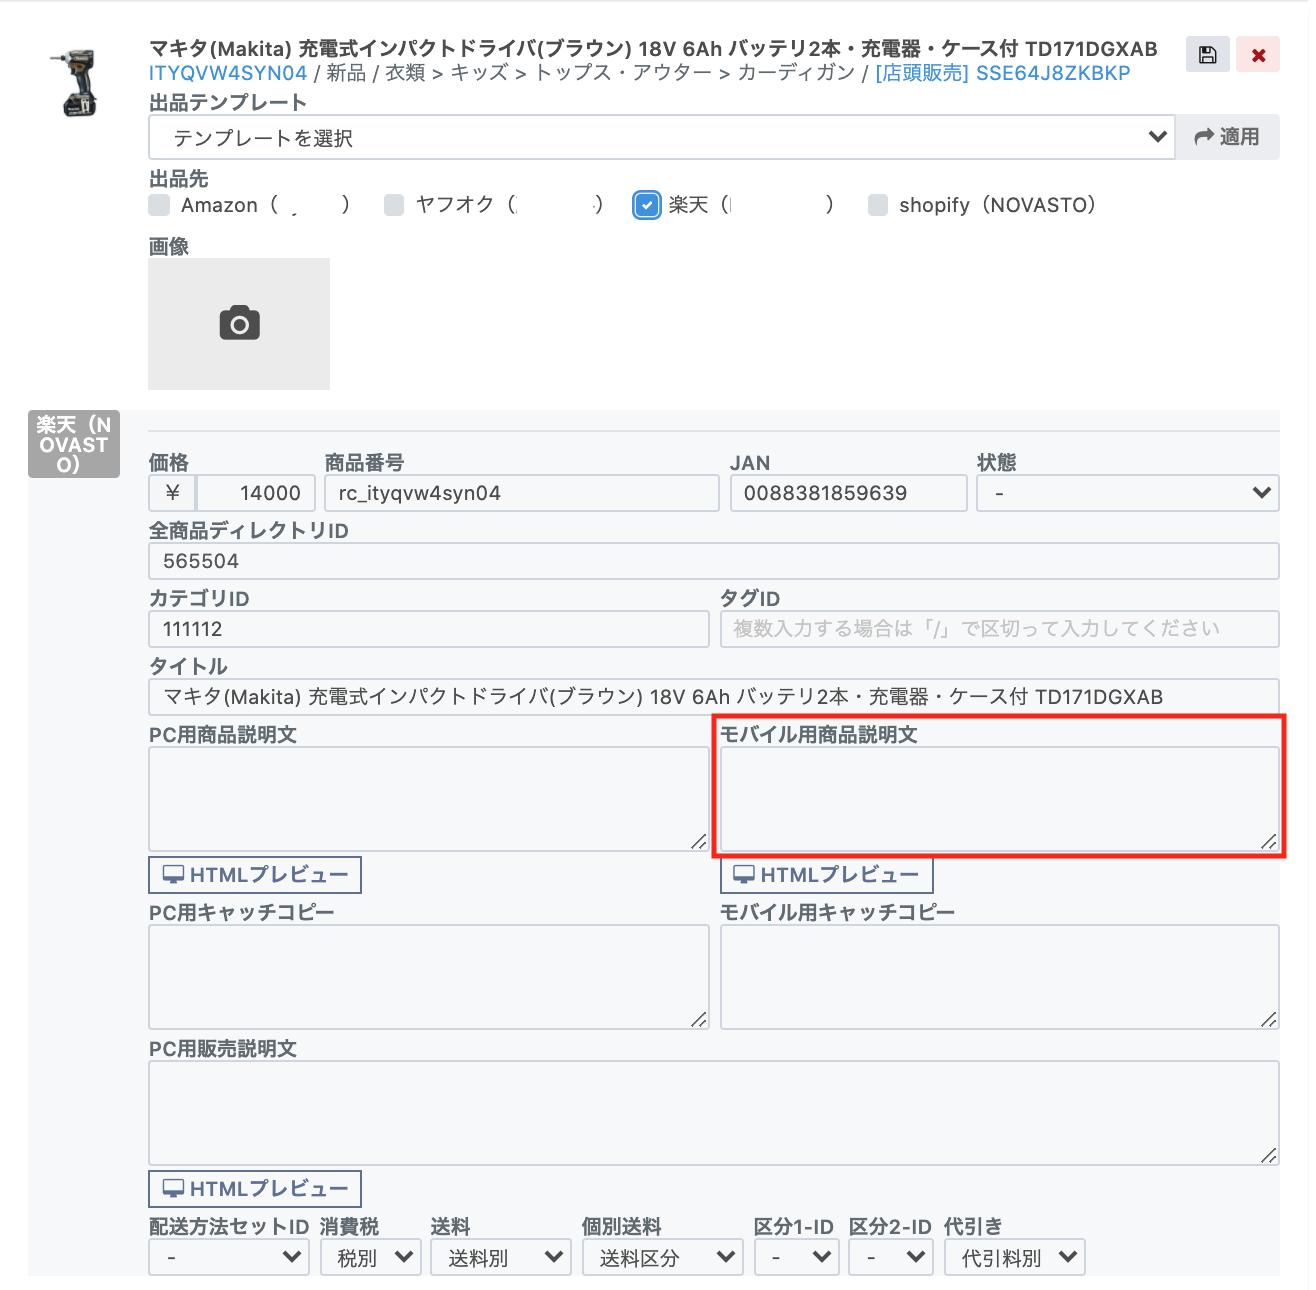 楽天EC出品画面_モバイル用商品説明分.png (219.0 kB)